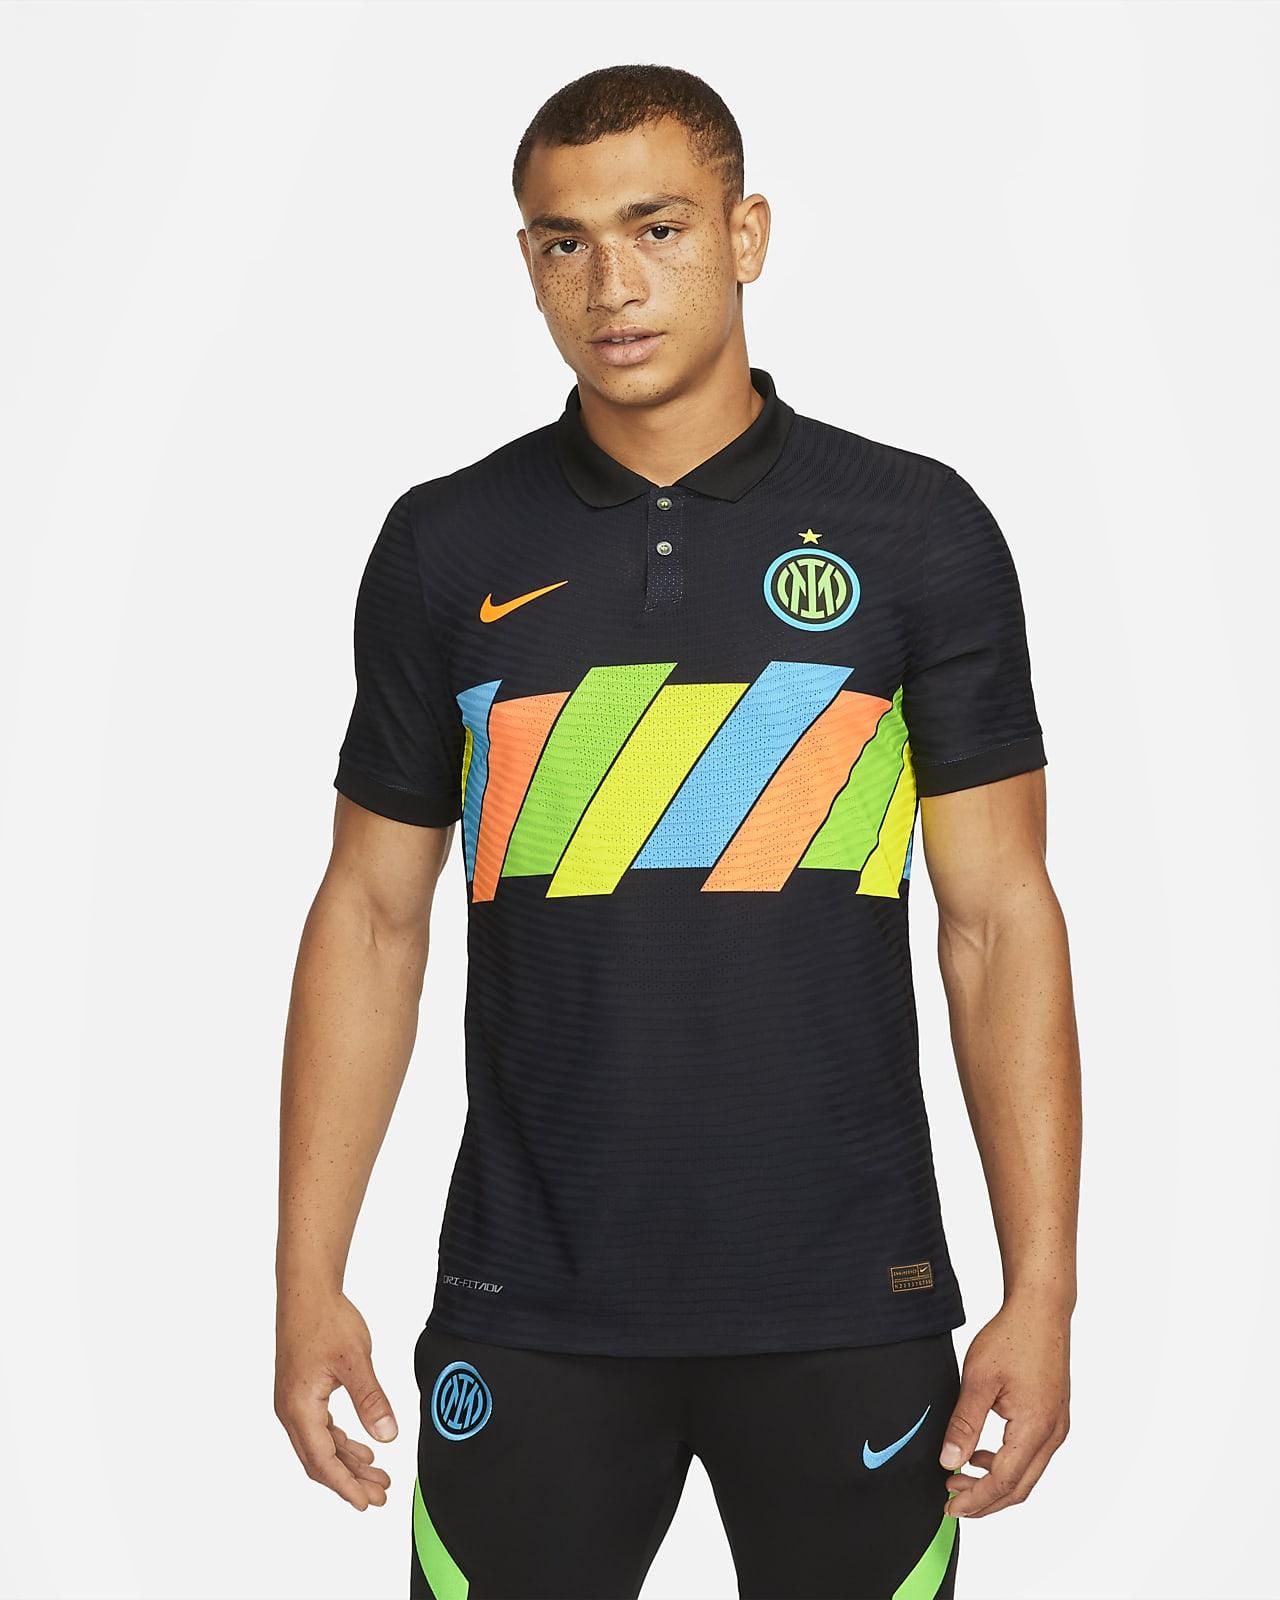 Equipación Match Inter de Milán 2021/22 Camiseta de fútbol Nike Dri-FIT ADV - Hombre